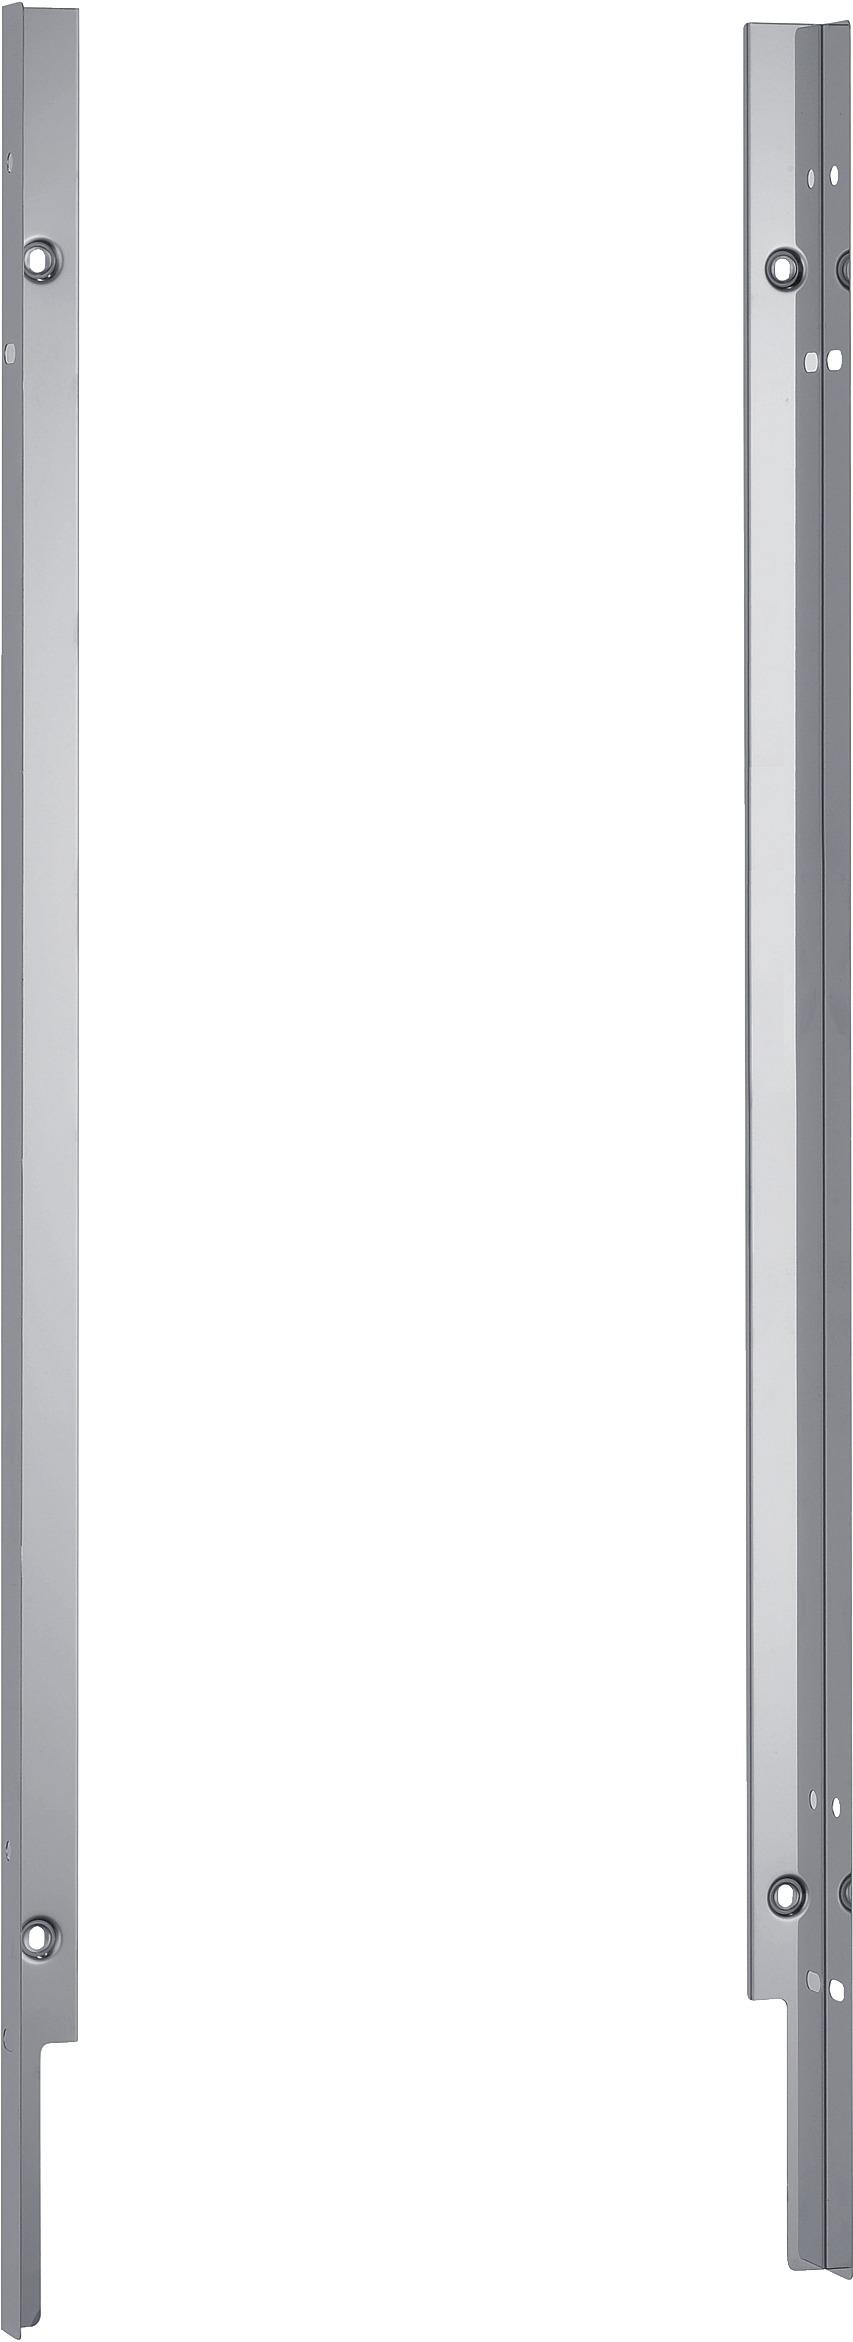 Bosch SMZ5015 Vaatwassers accessoire Aluminium